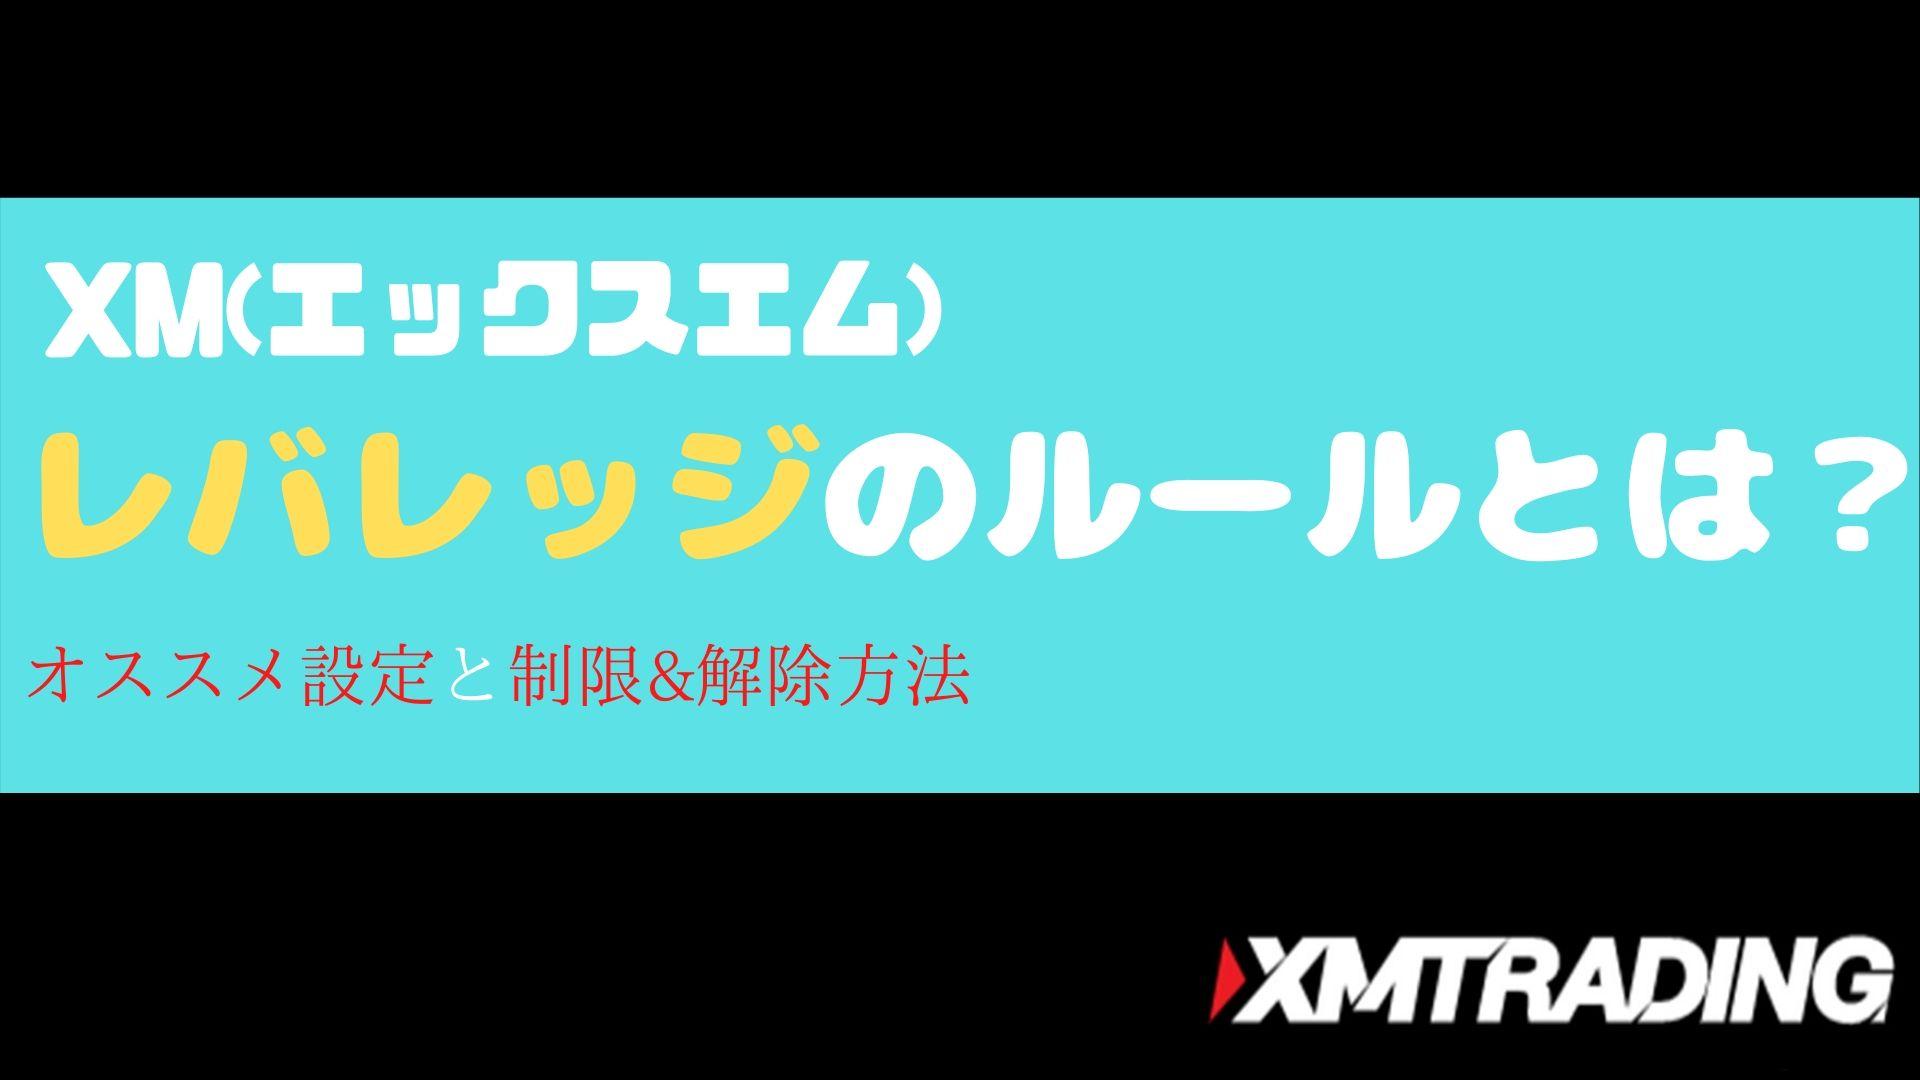 xm-leverage-title